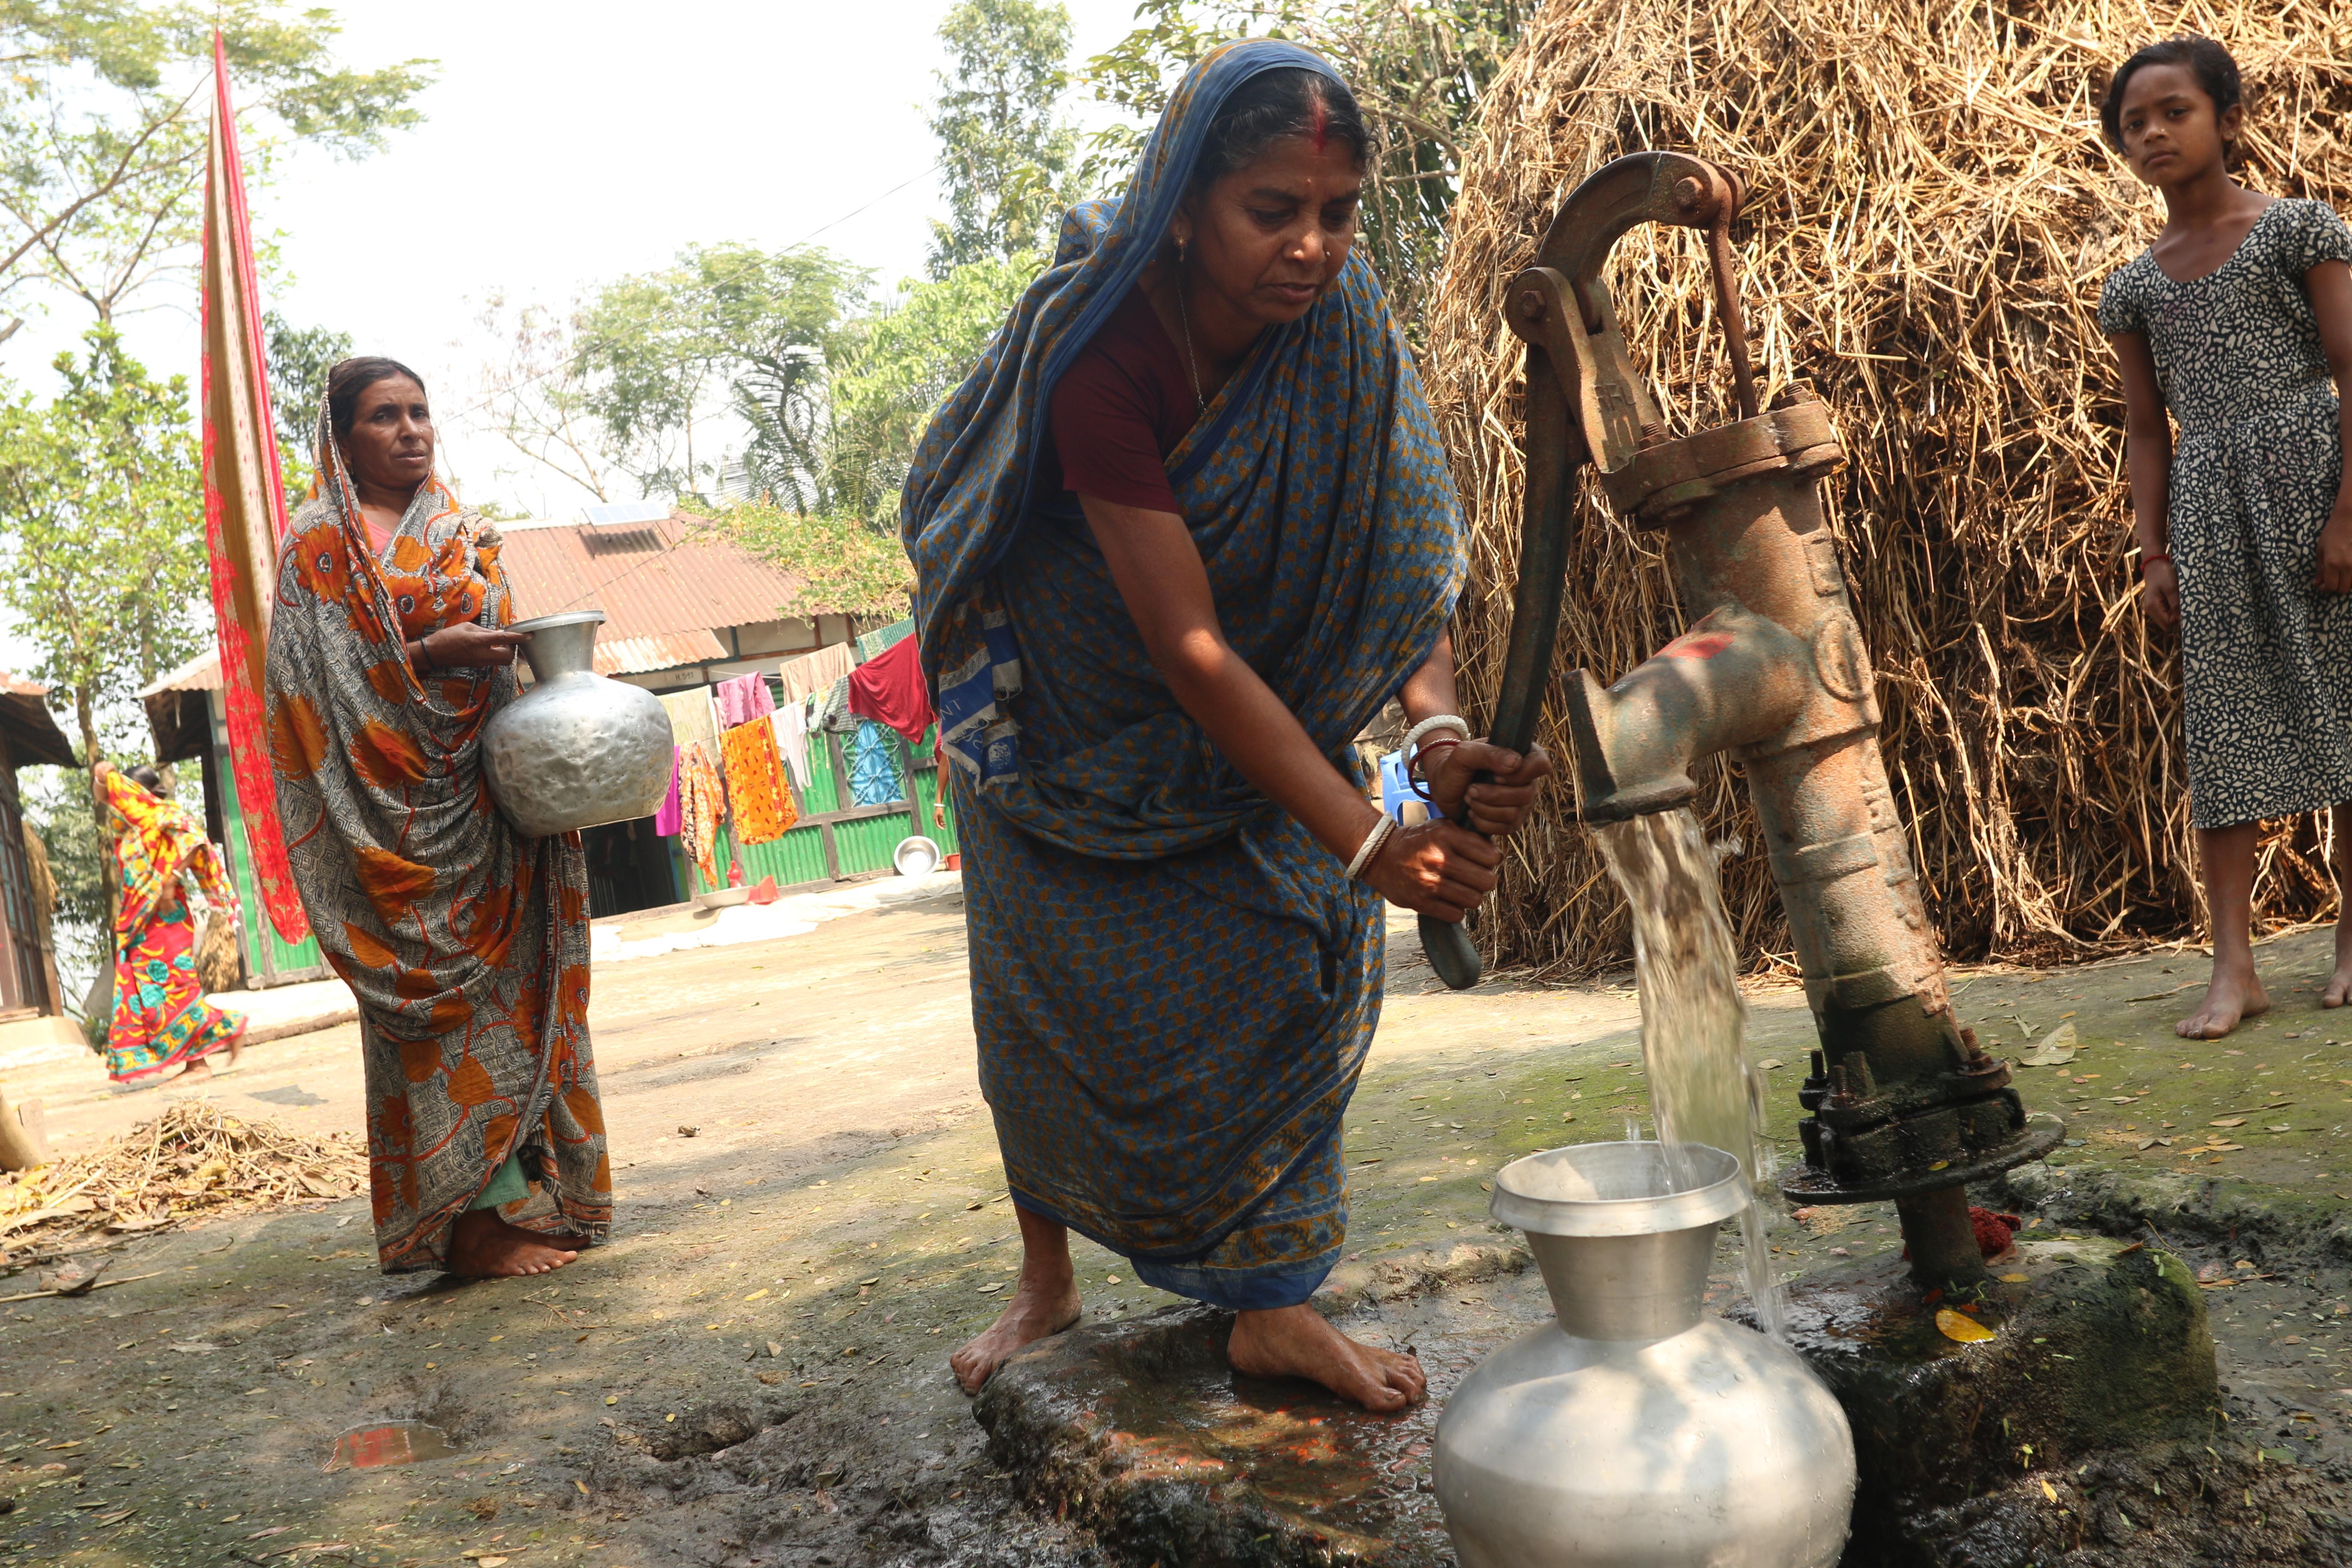 Jostna pumps water into her vessel.